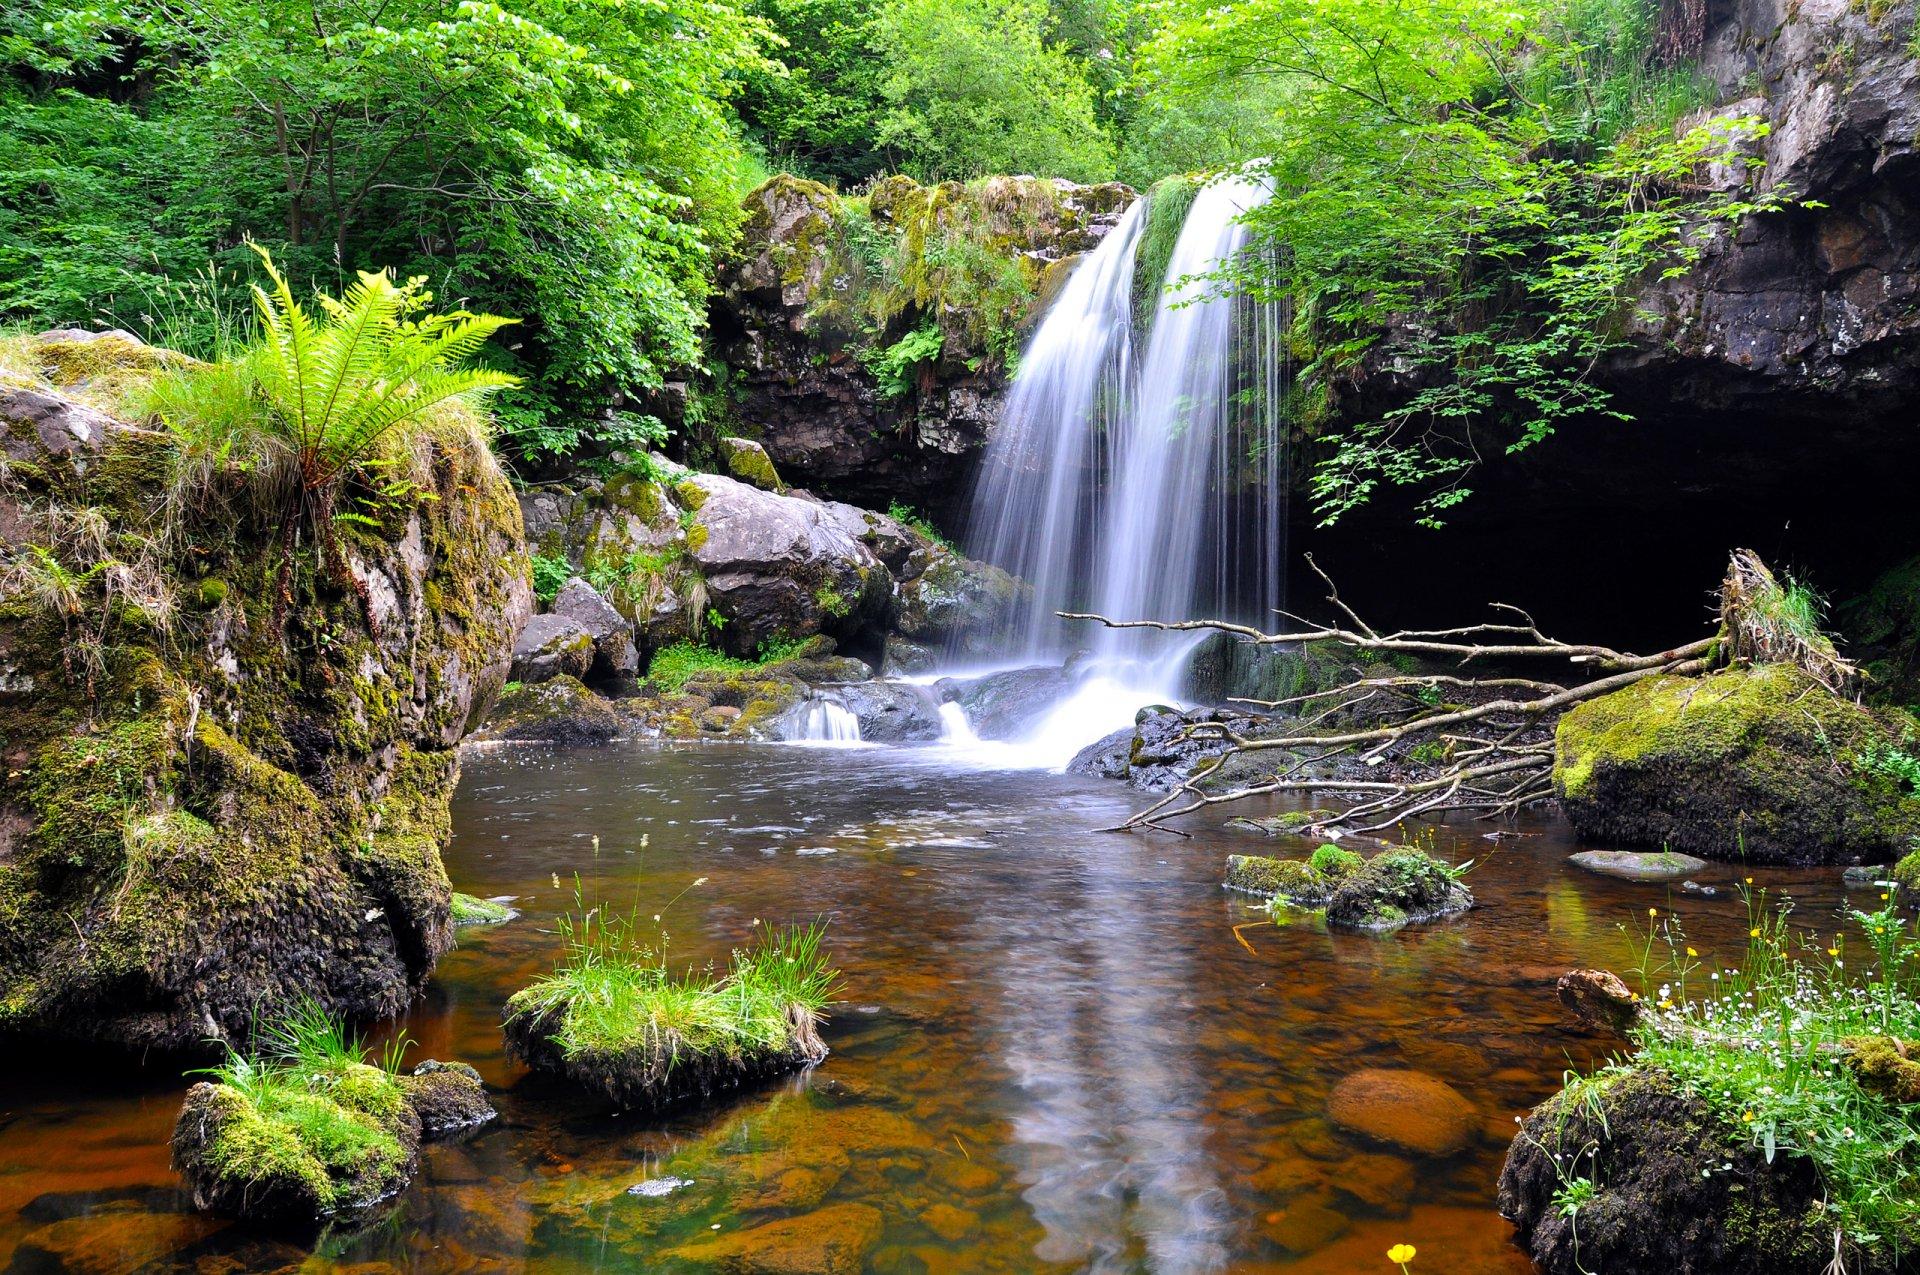 картинки водоемов с водопадом подражания